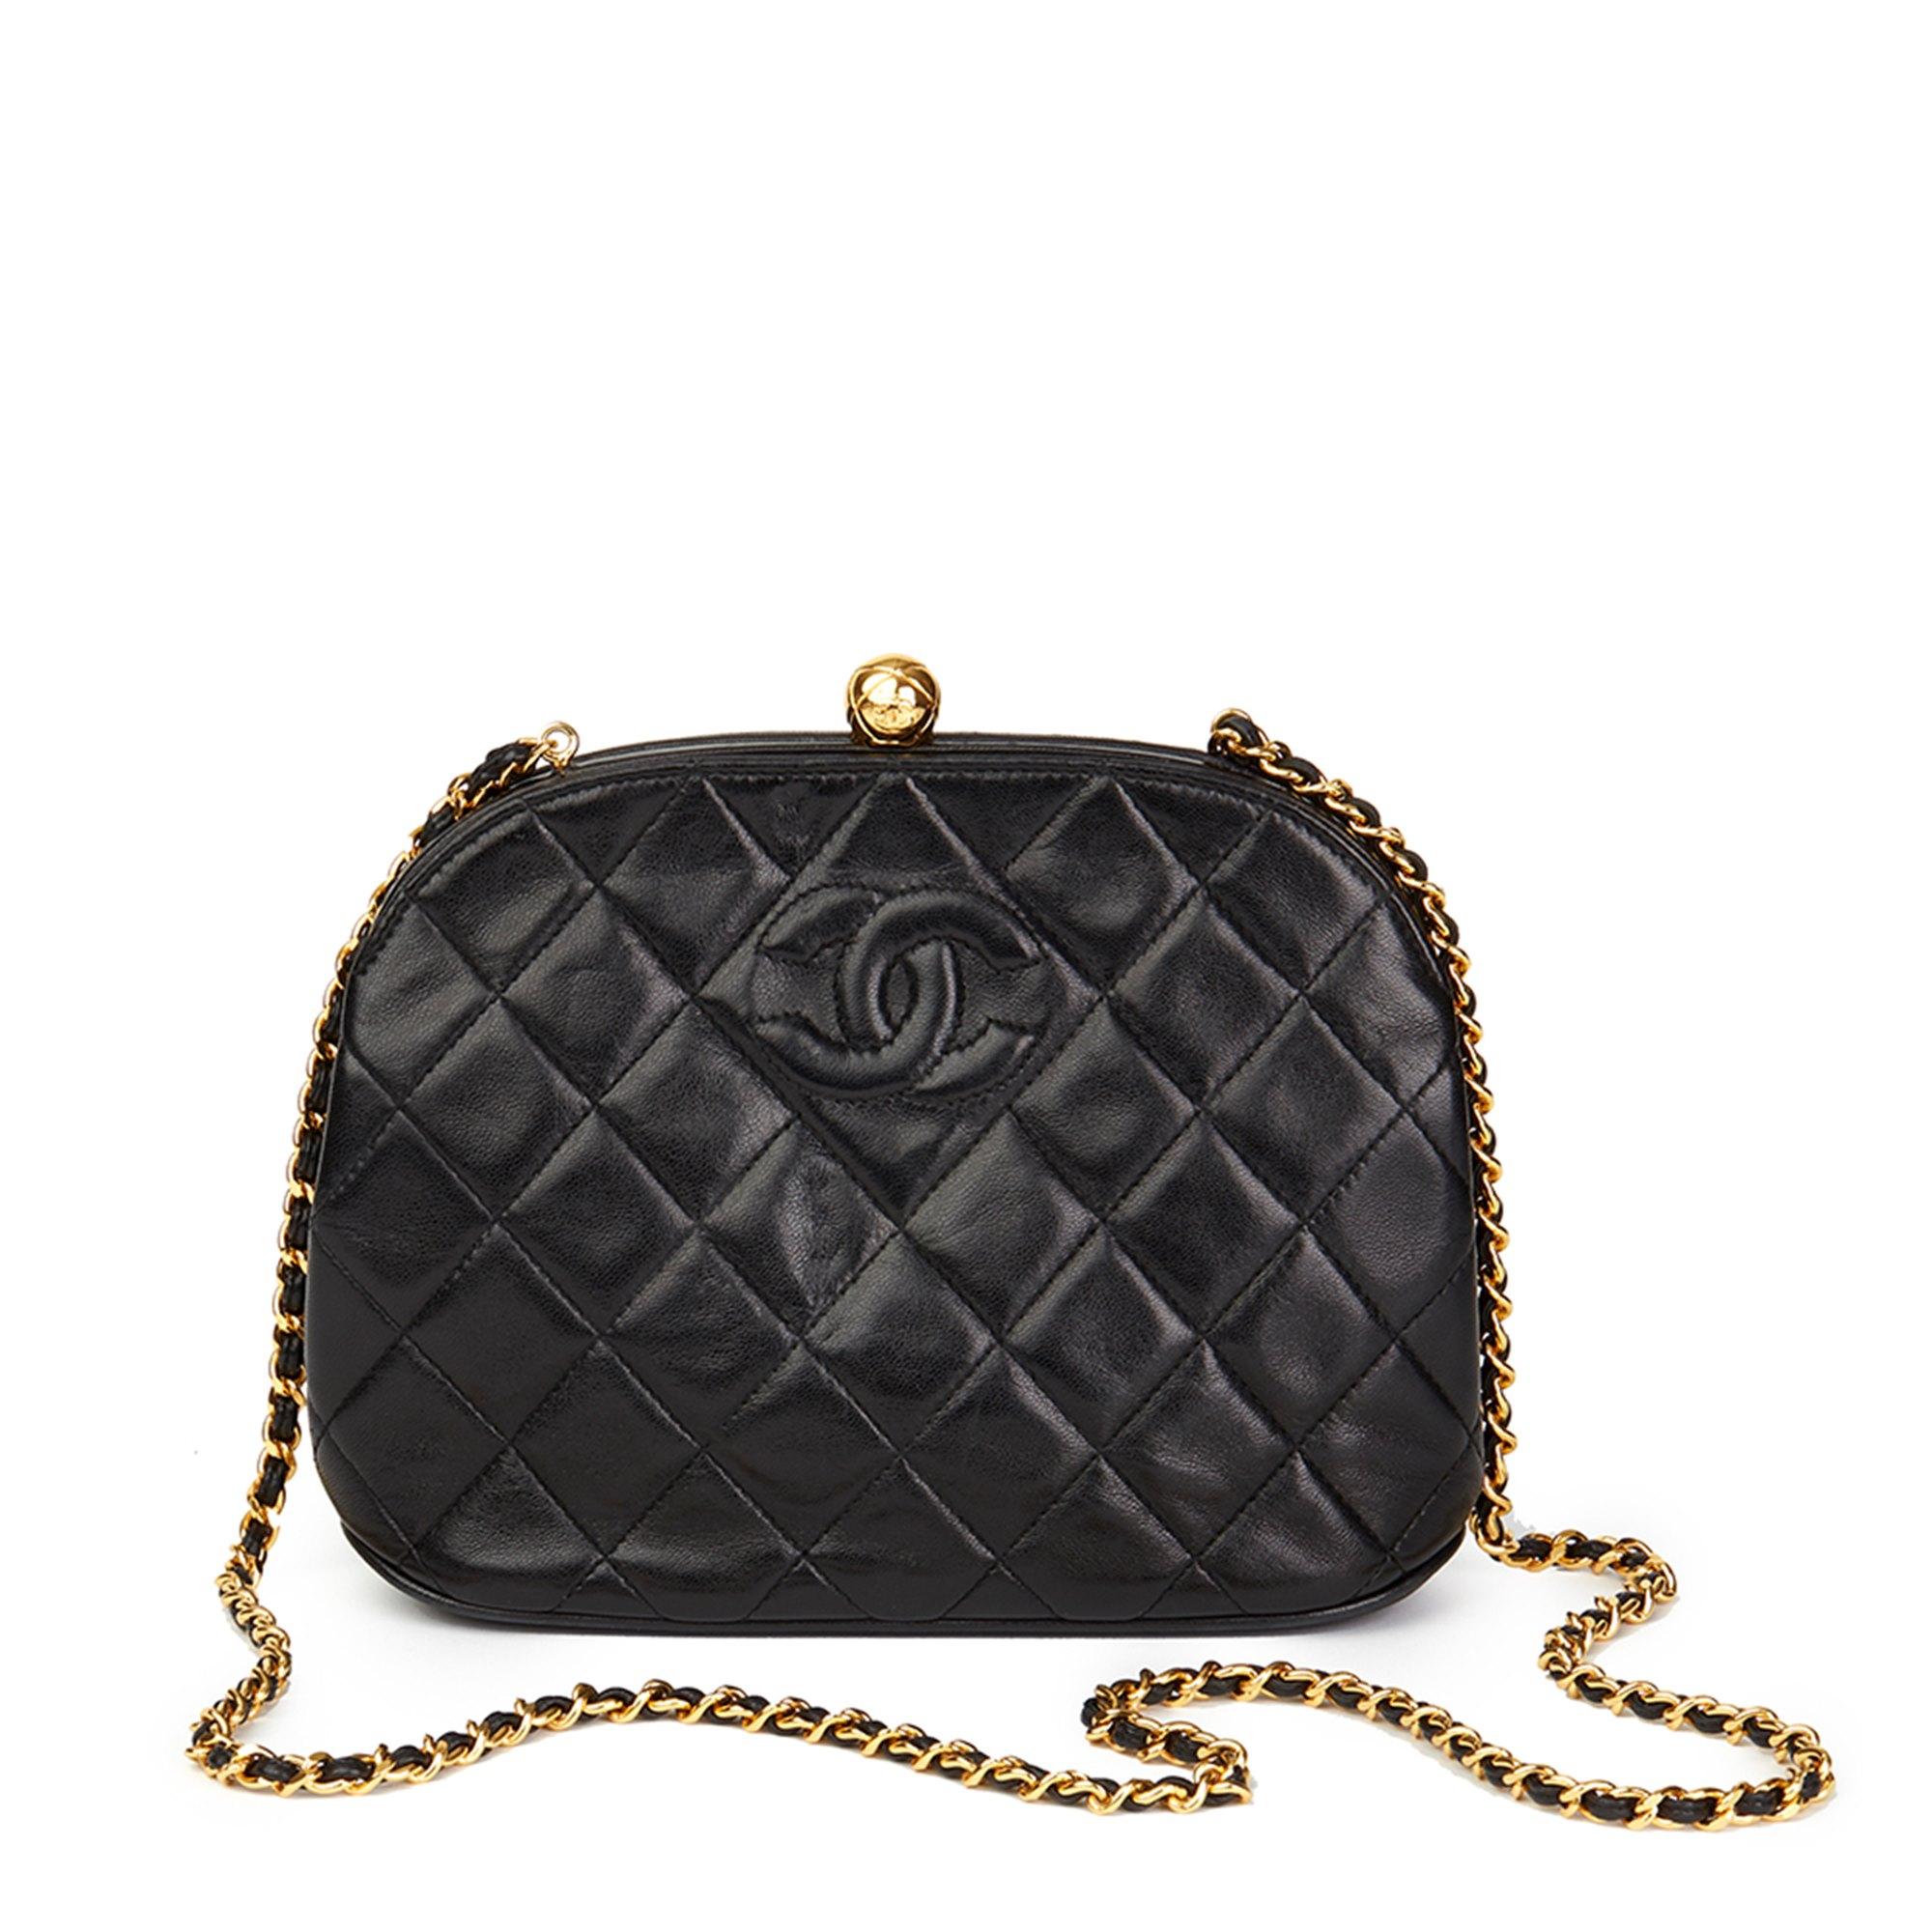 Chanel Black Quilted Lambskin Vintage Timeless Frame Bag